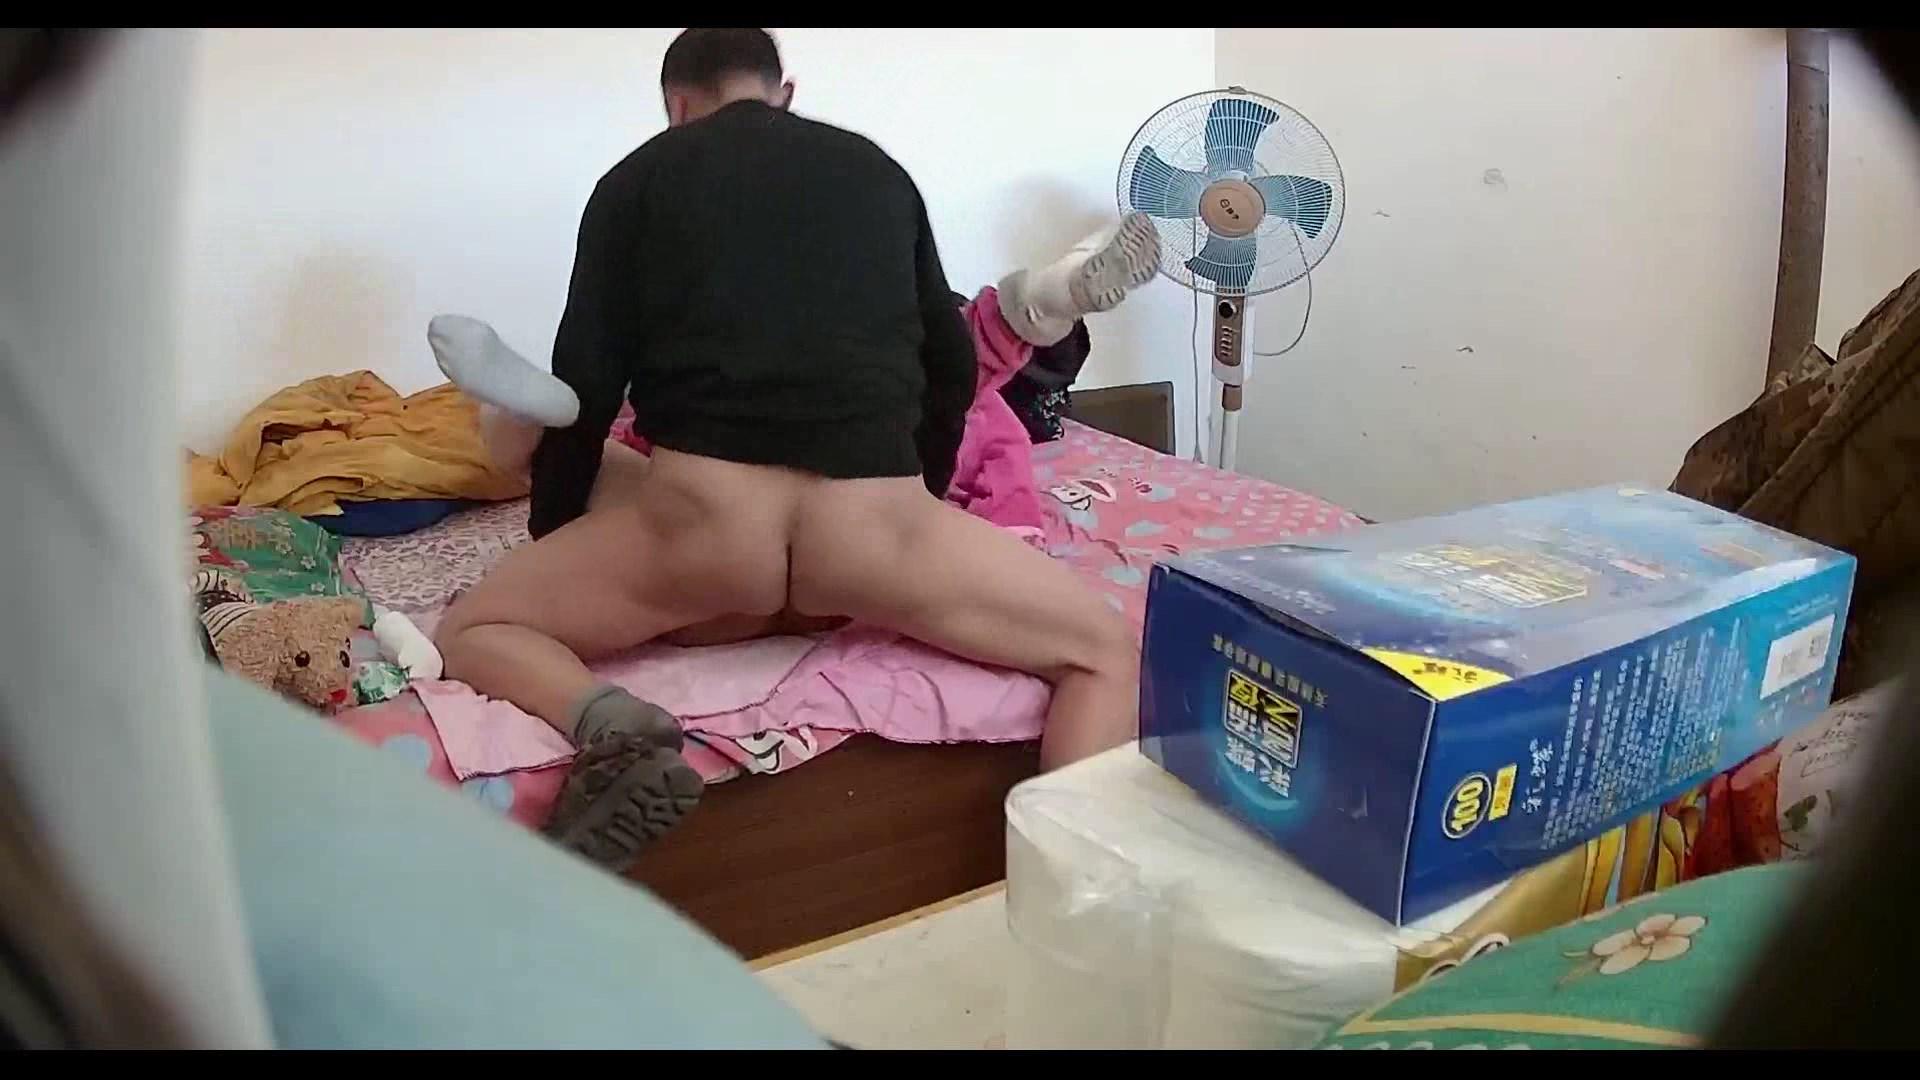 破解中国家庭摄像头偷拍夫妻打炮系列2